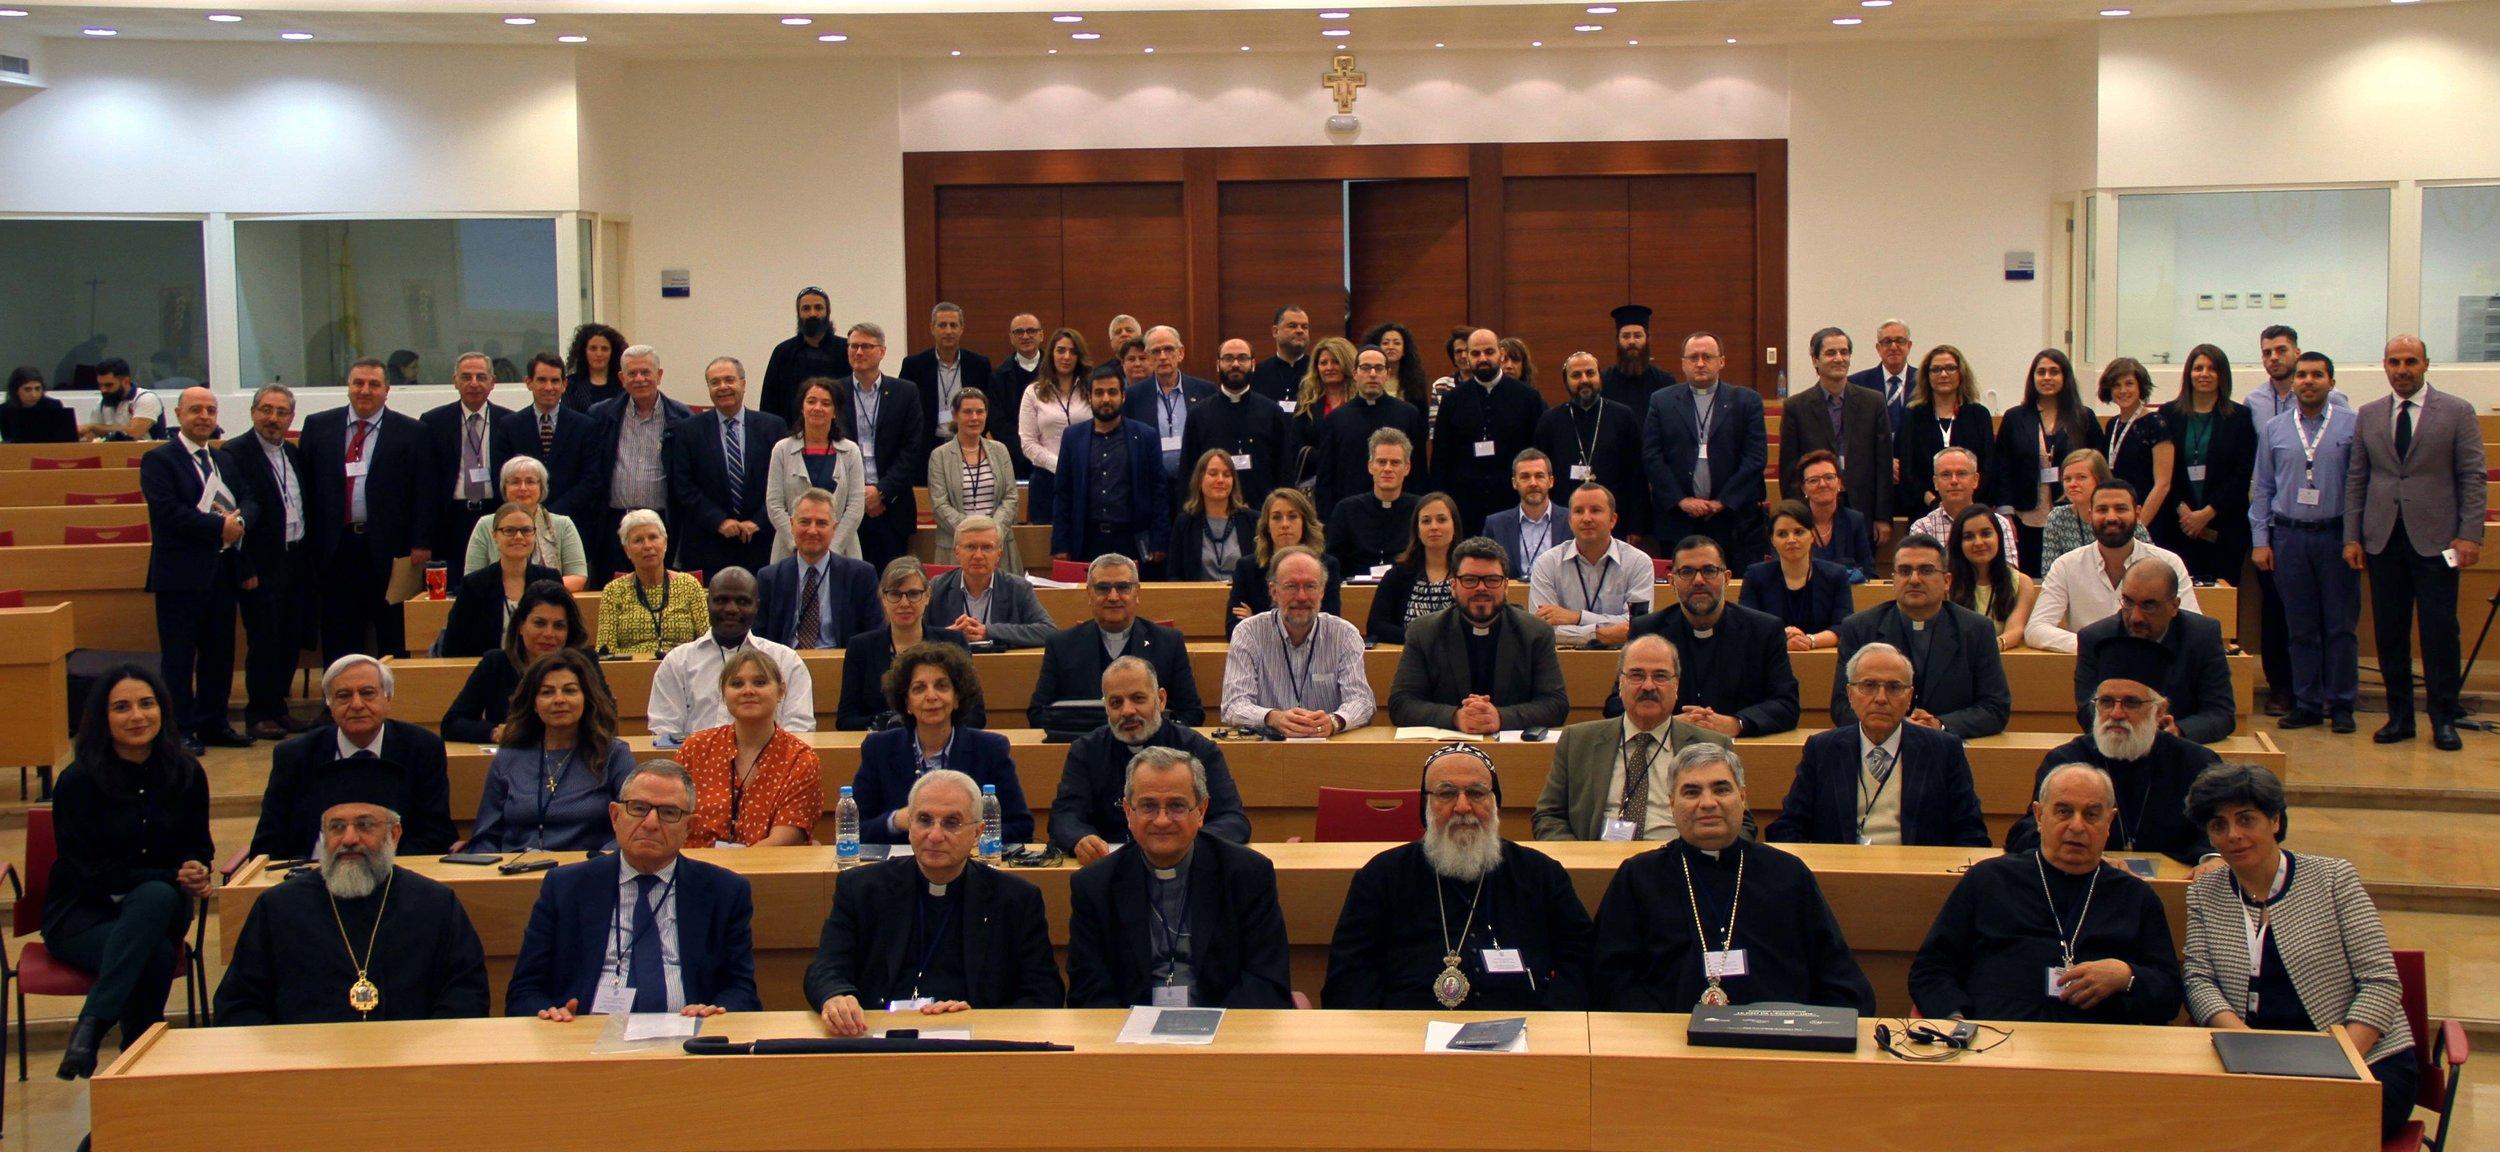 180512-Partners Meeting-1.jpg